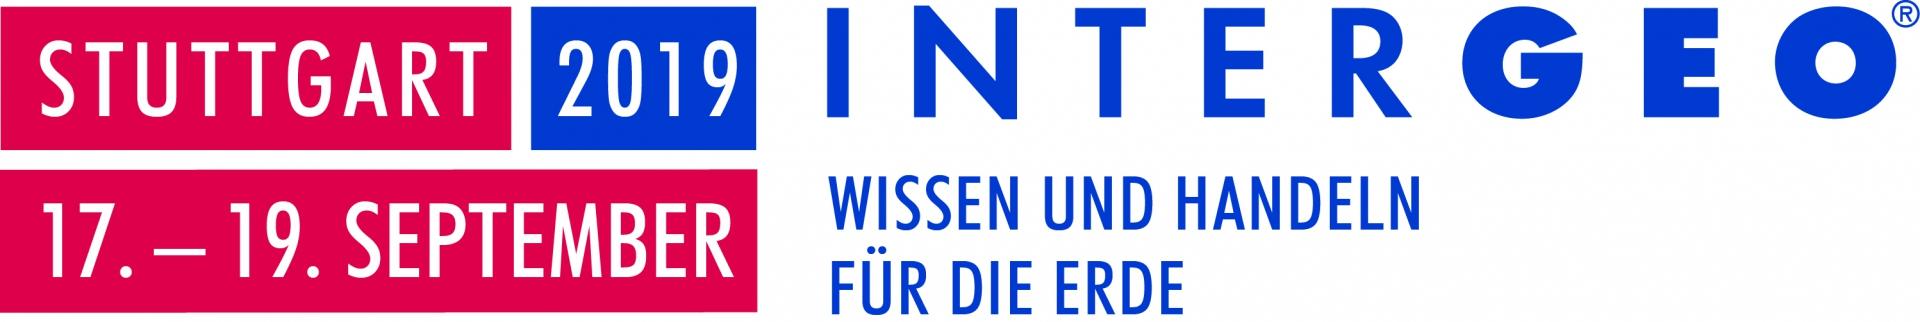 Banner Intergeo 2019